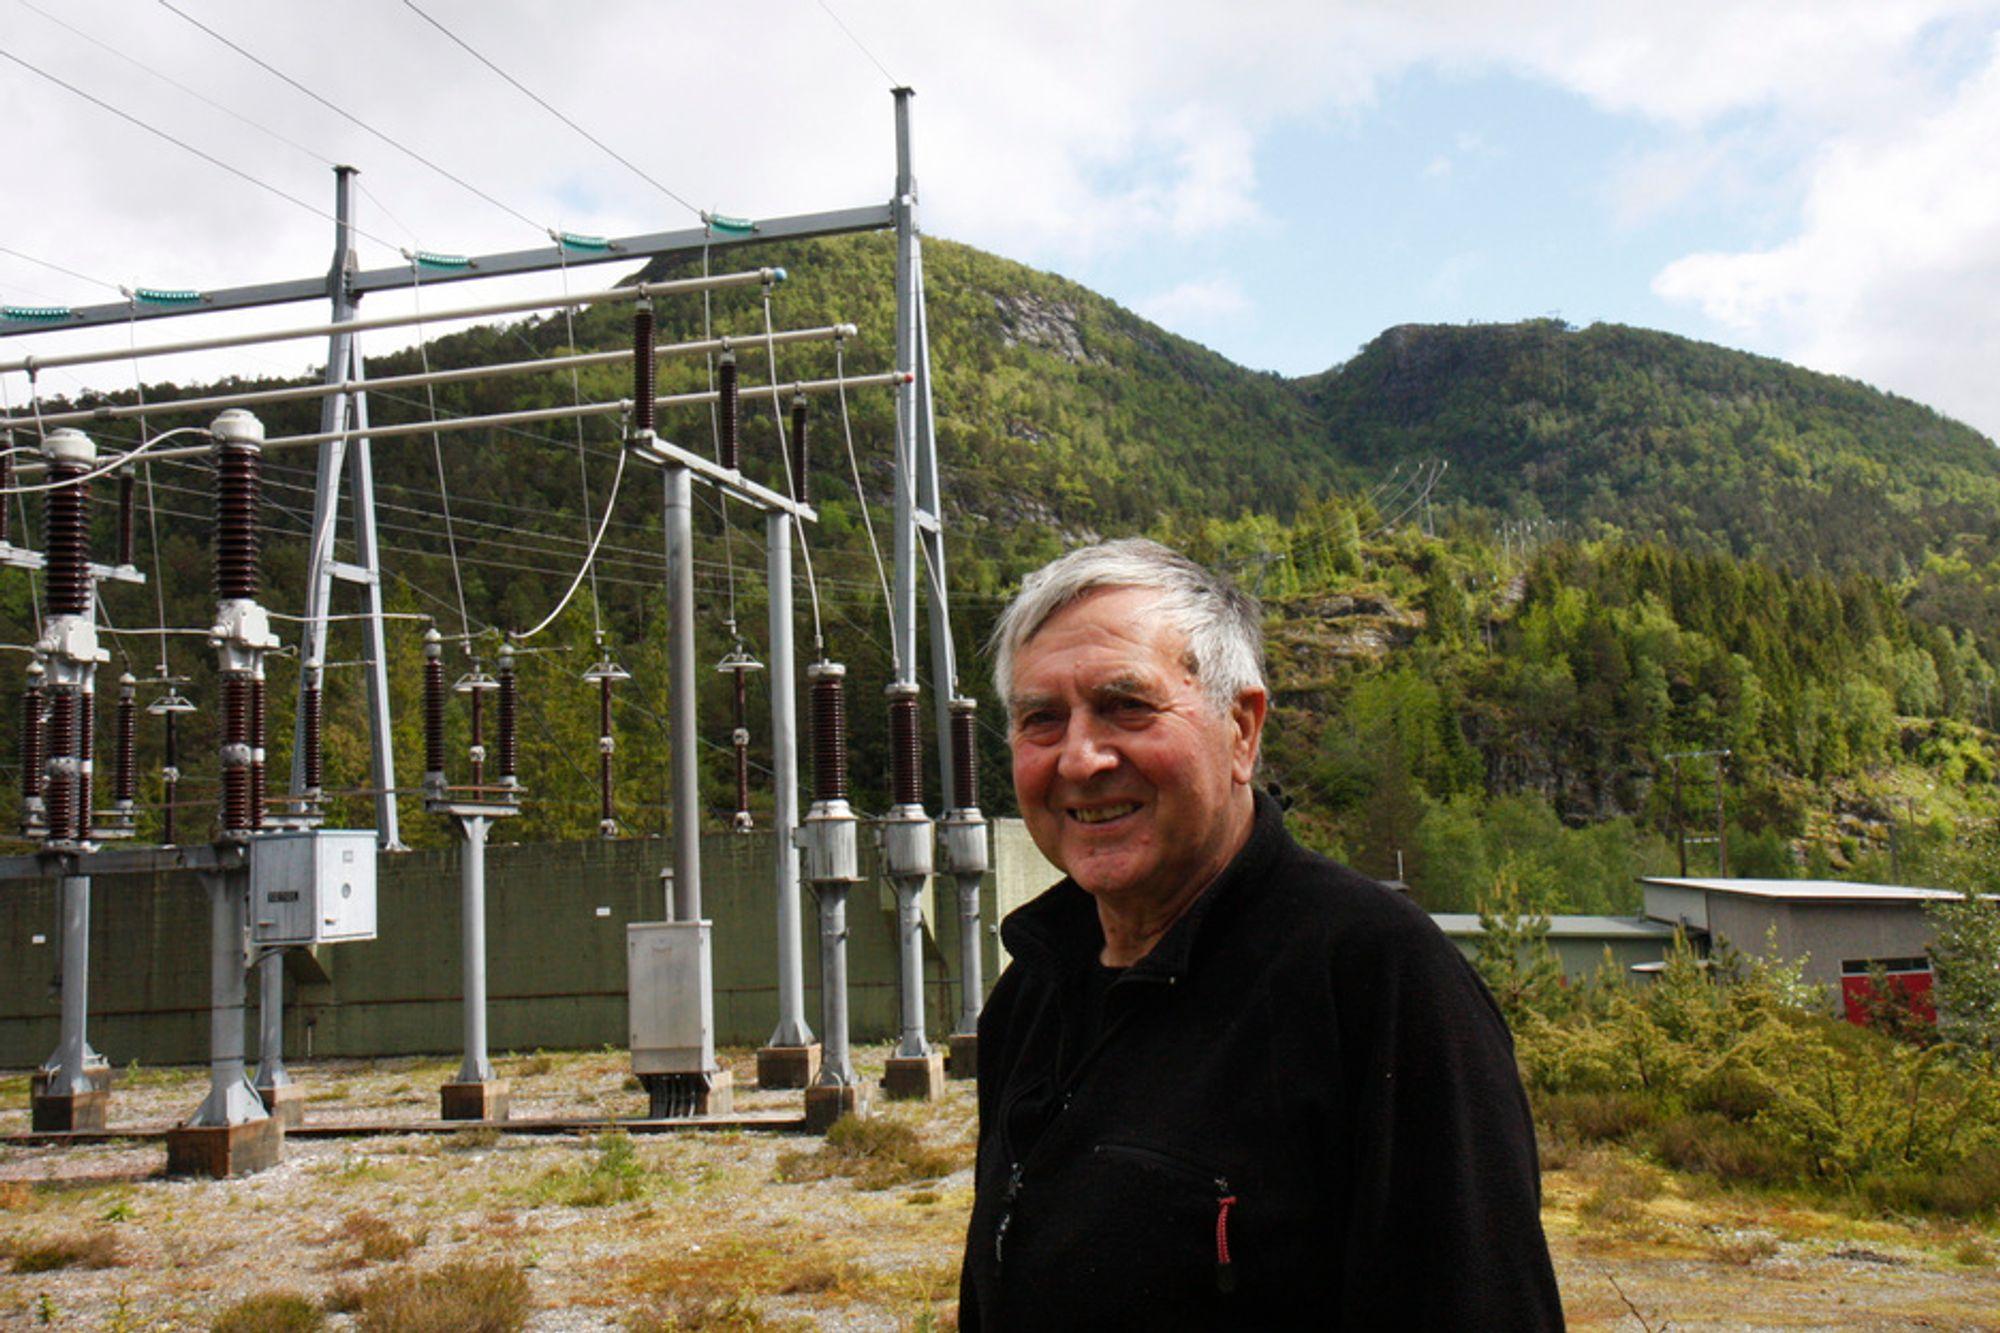 KRAFTLINJE, JA TAKK: Pensjonist Kolbjørn Løken (76) har passet transformatorstasjonen på Grov i Flora kommune i 61 år. Han mener kraftlinjer vil hjelpe fylket til å unngå fraflytting.